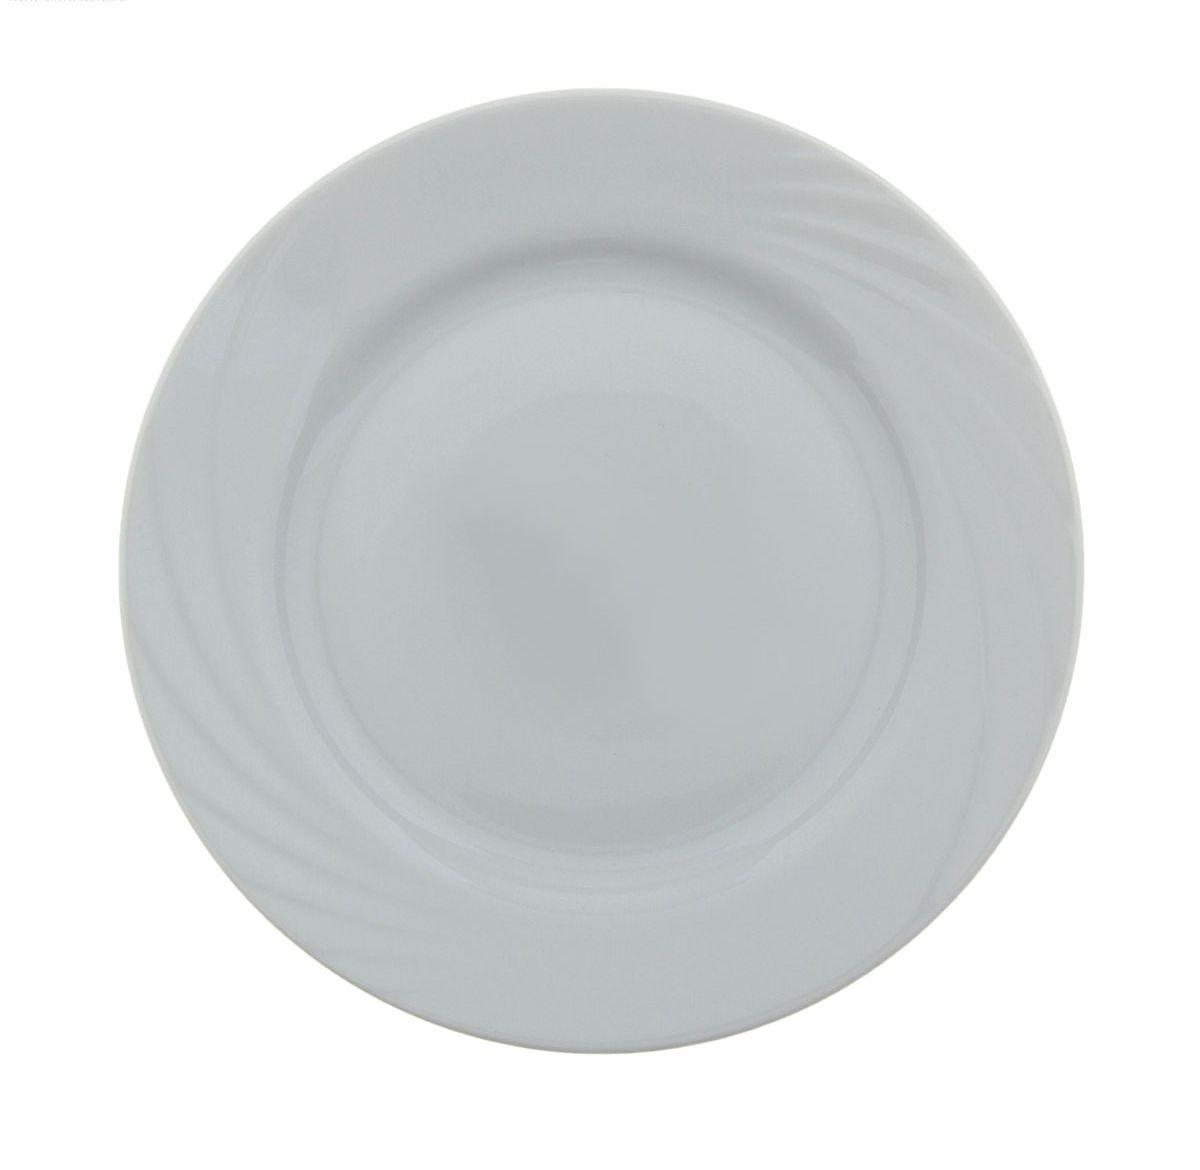 Тарелка мелкая Голубка. Белье, диаметр 17,5 см507897Мелкая тарелка Голубка. Белье, выполненная из высококачественного фарфора, идеальна для сервировки стола первыми блюдами. Она прекрасно впишется в интерьер вашей кухни и станет достойным дополнением к кухонному инвентарю. Тарелка Голубка. Белье подчеркнет прекрасный вкус хозяйки и станет отличным подарком. Диаметр тарелки: 17,5 см.